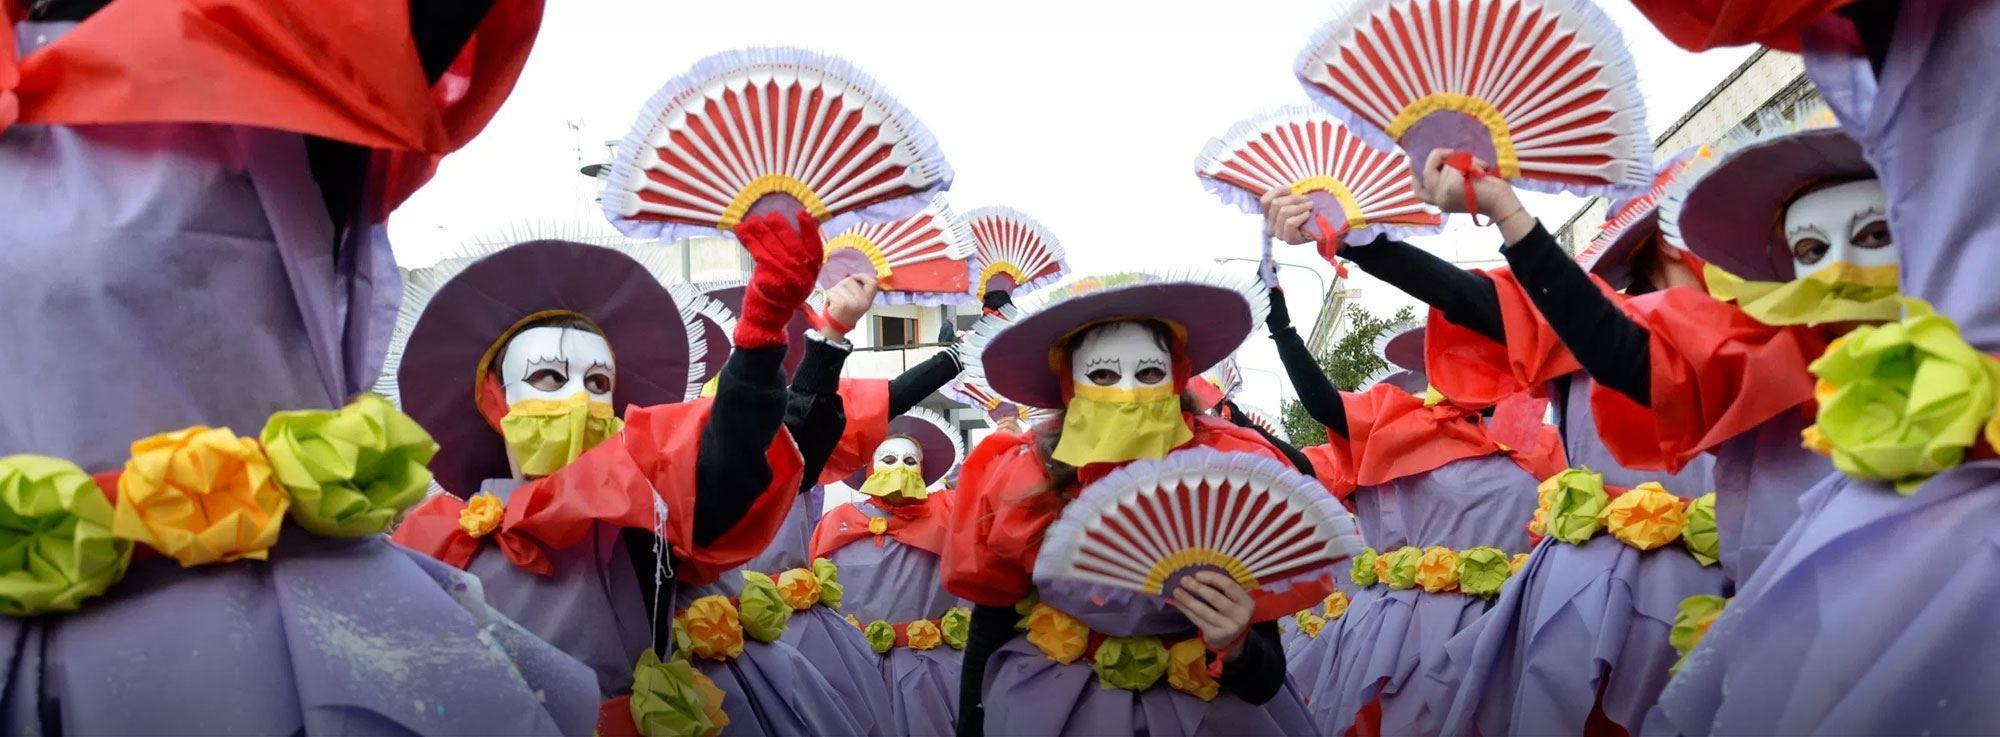 Martignano: Carnevale della Grecia Salentina e Martignanese